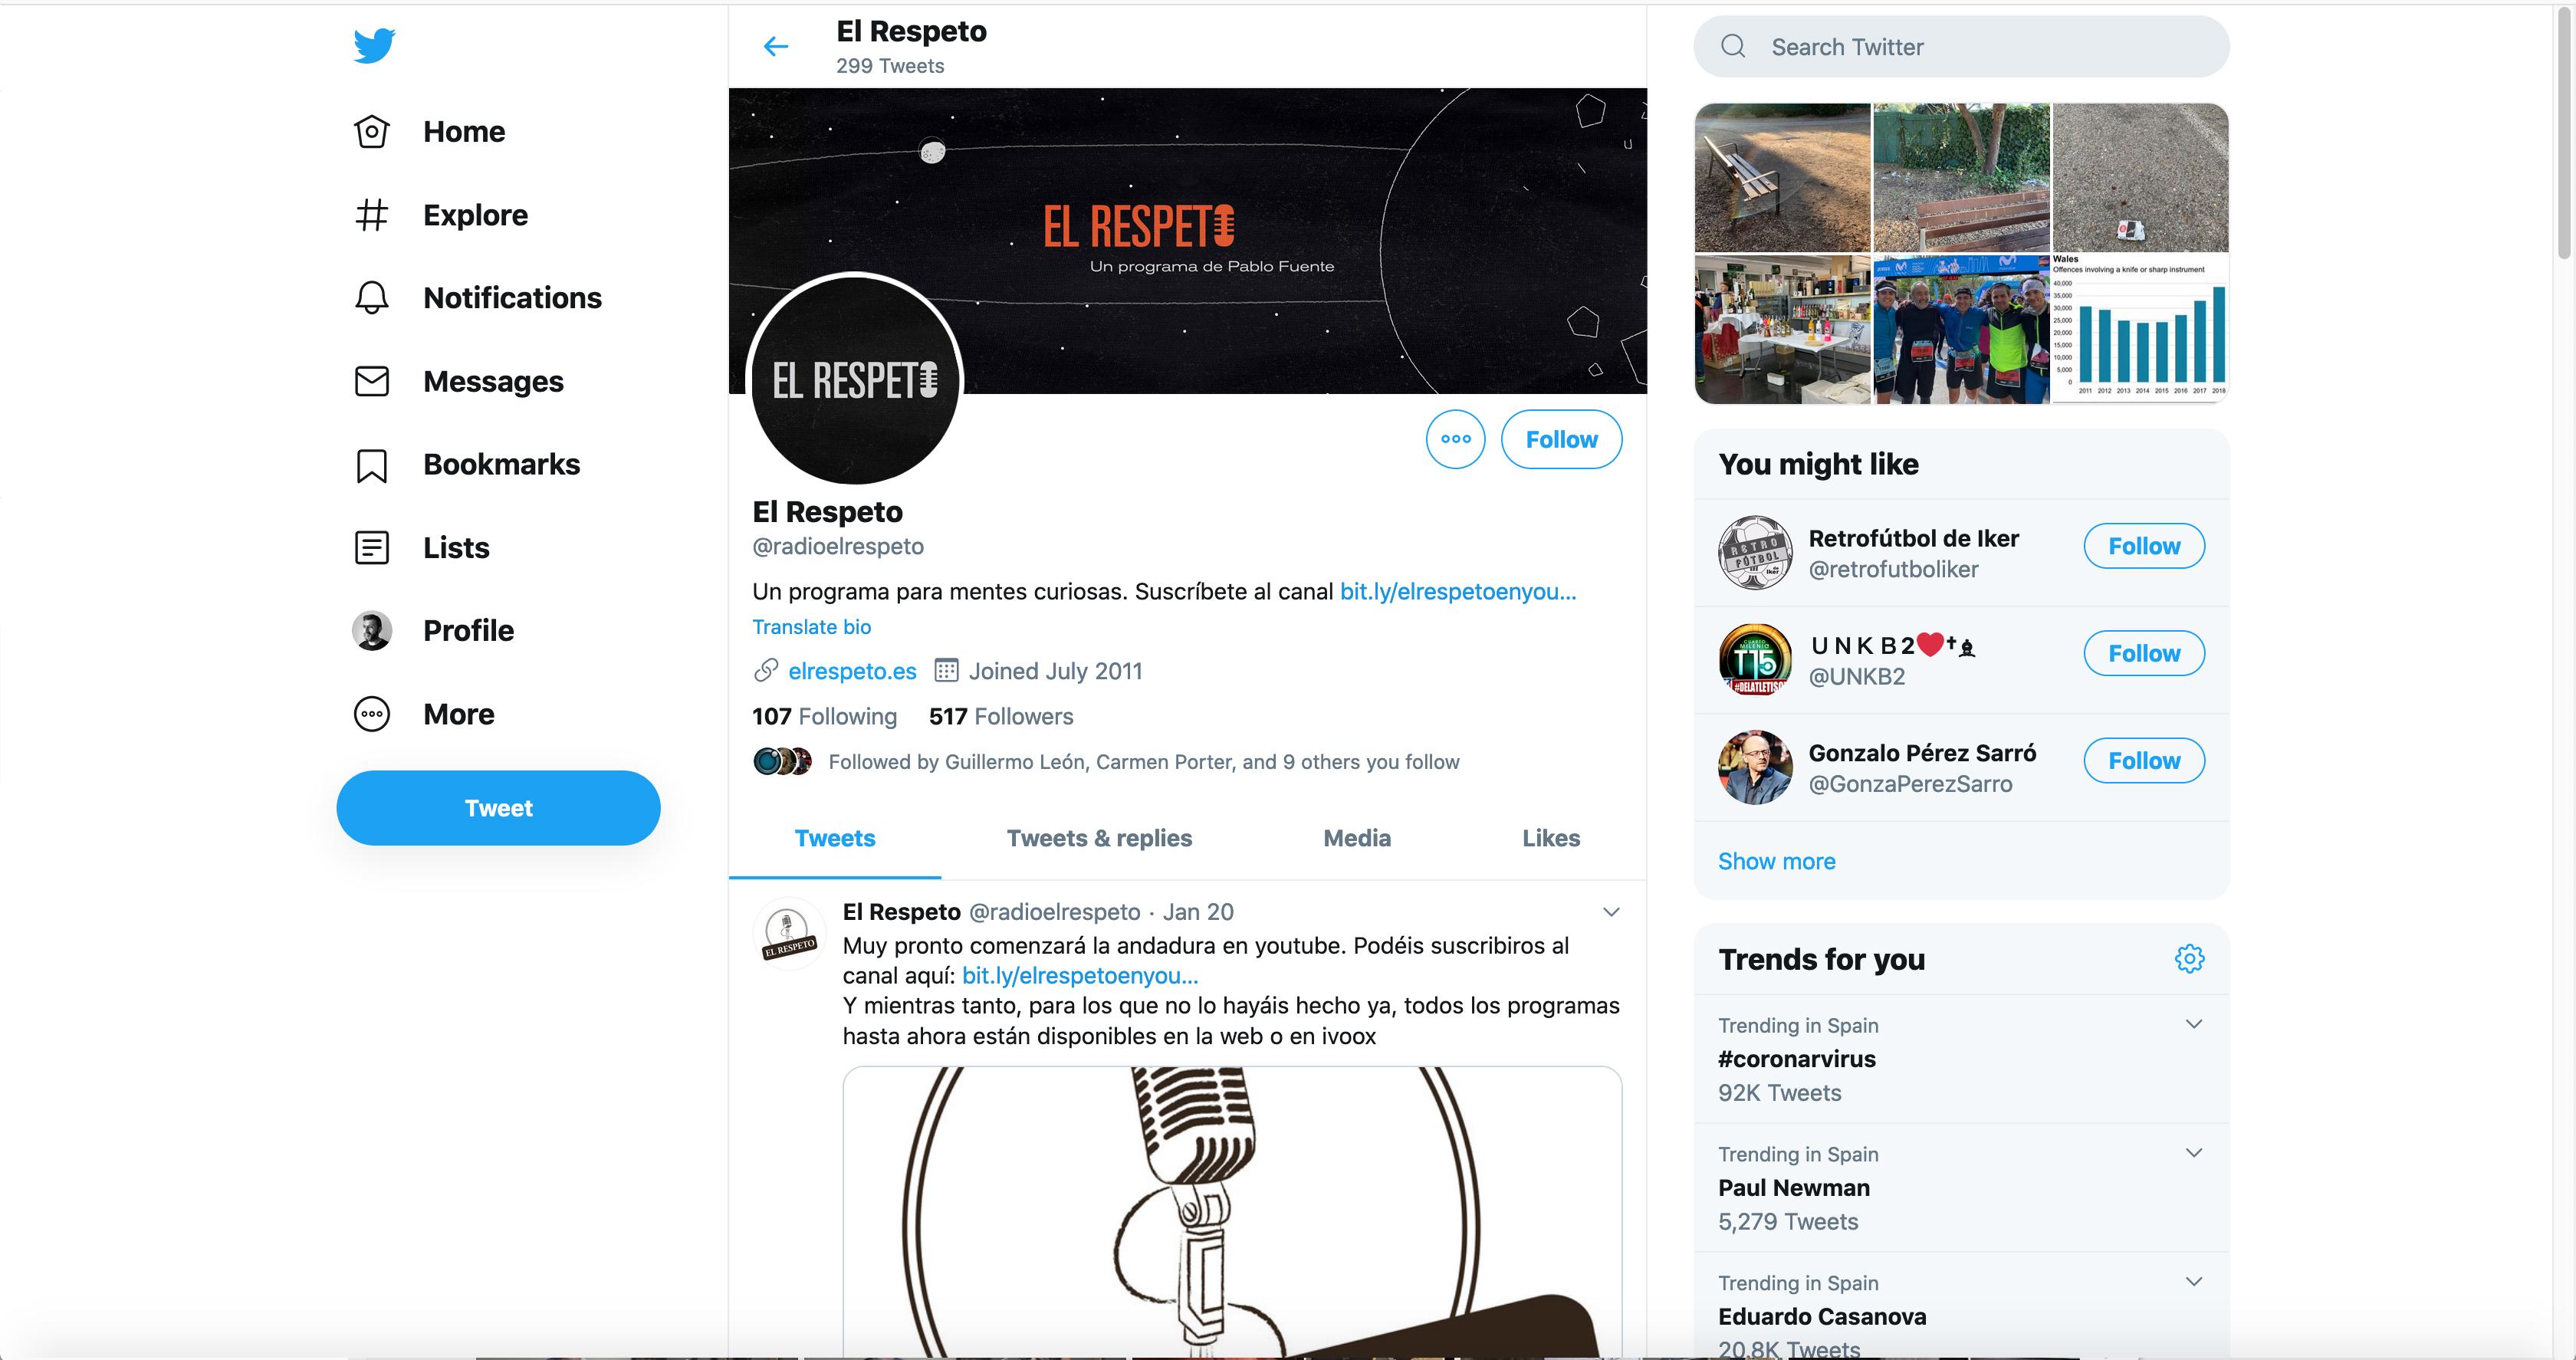 ELRESPETO_redessociales_twitter